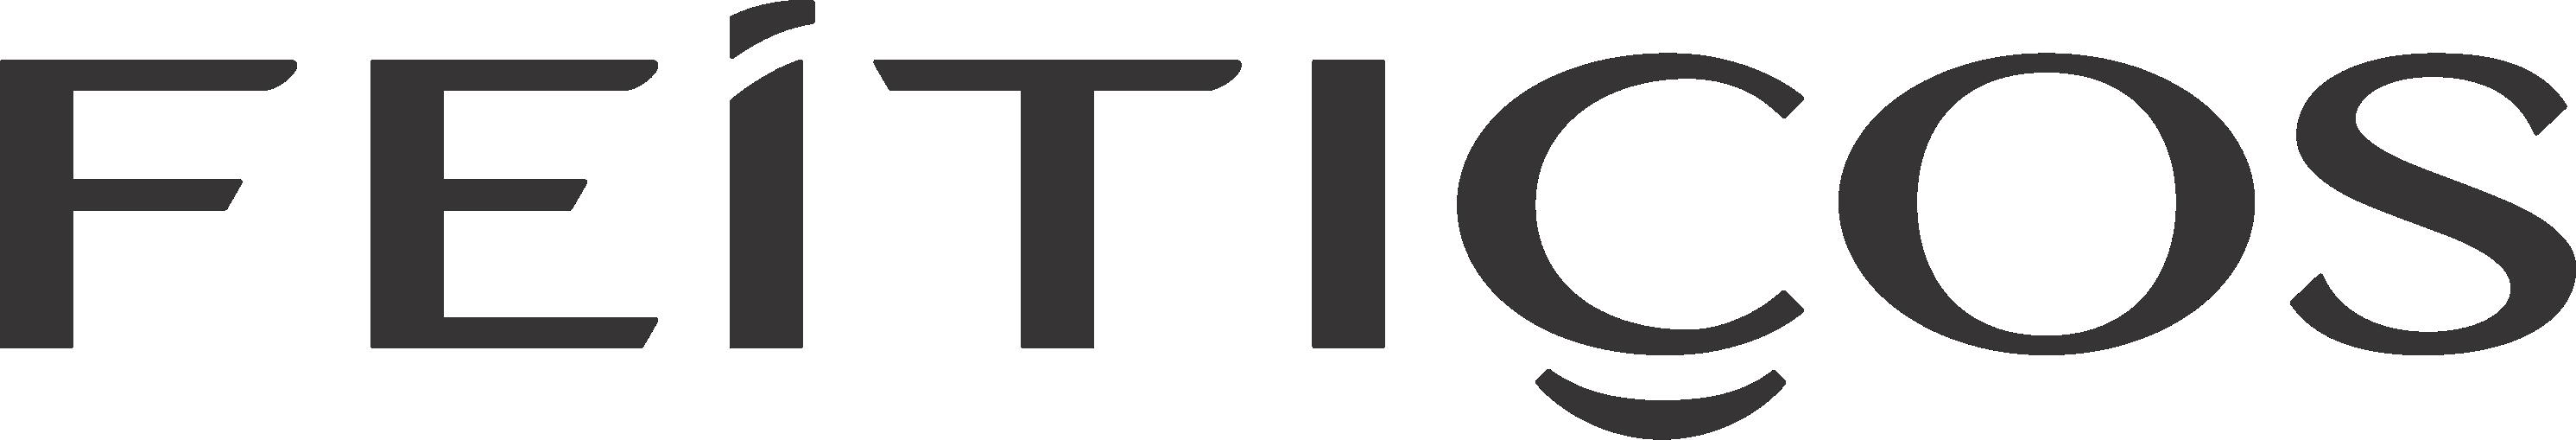 Logomarca Feitiços